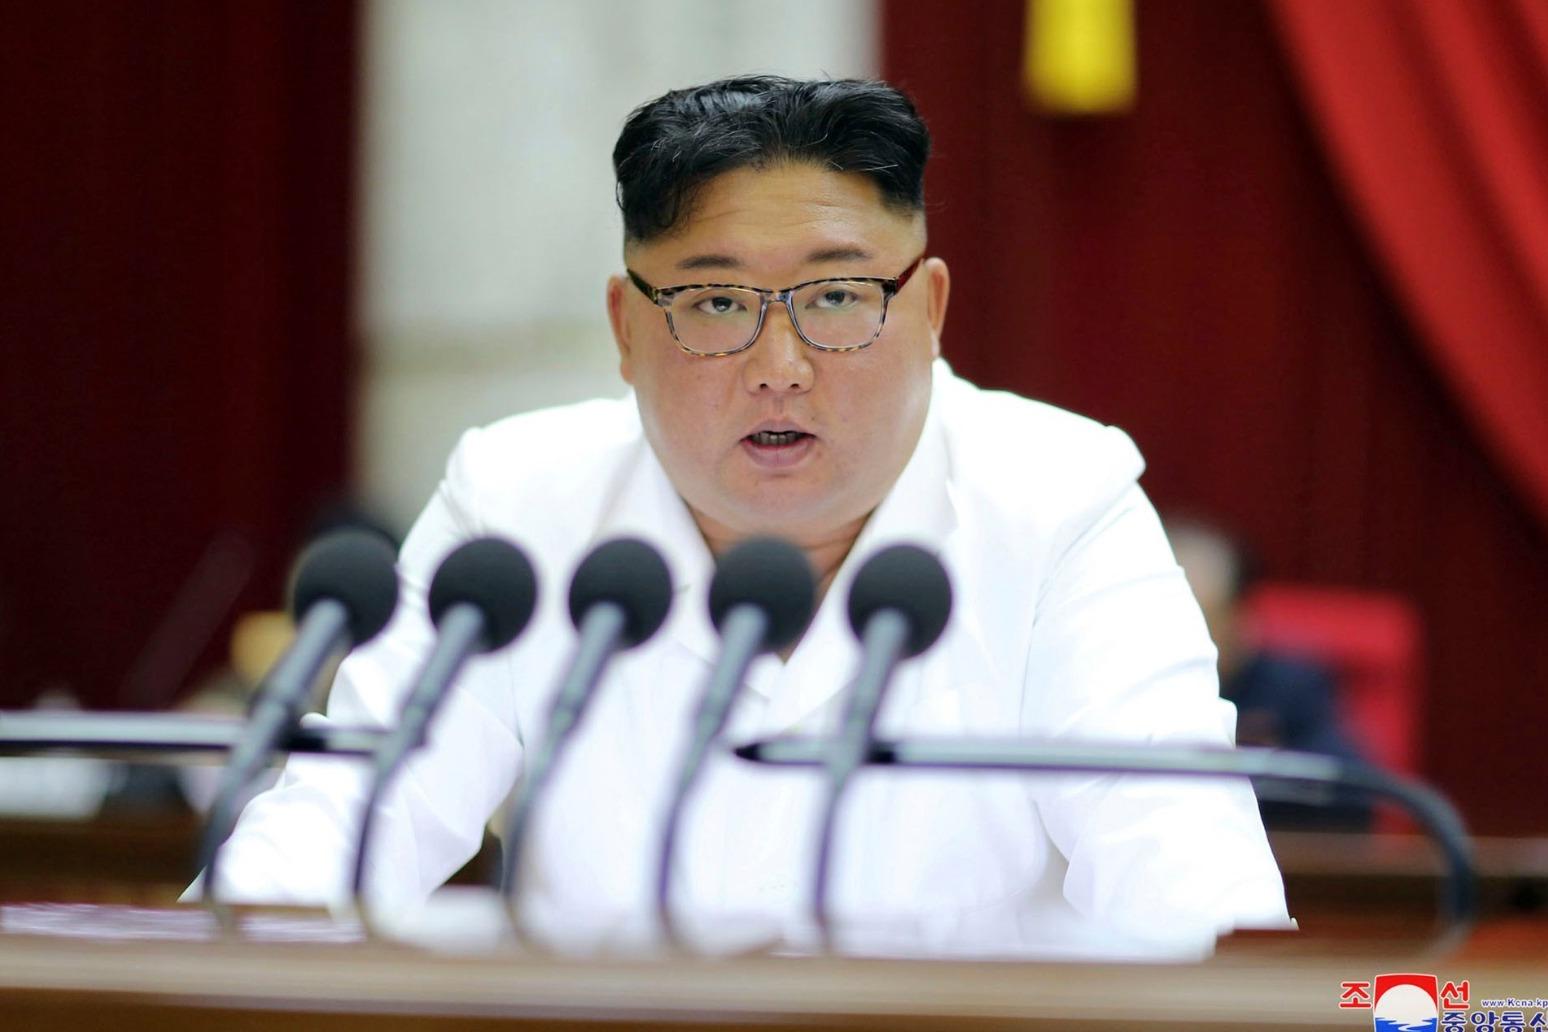 KIM JONG UN CALLS FOR \'OFFENSIVE MEASURES\' AHEAD OF DEADLINE